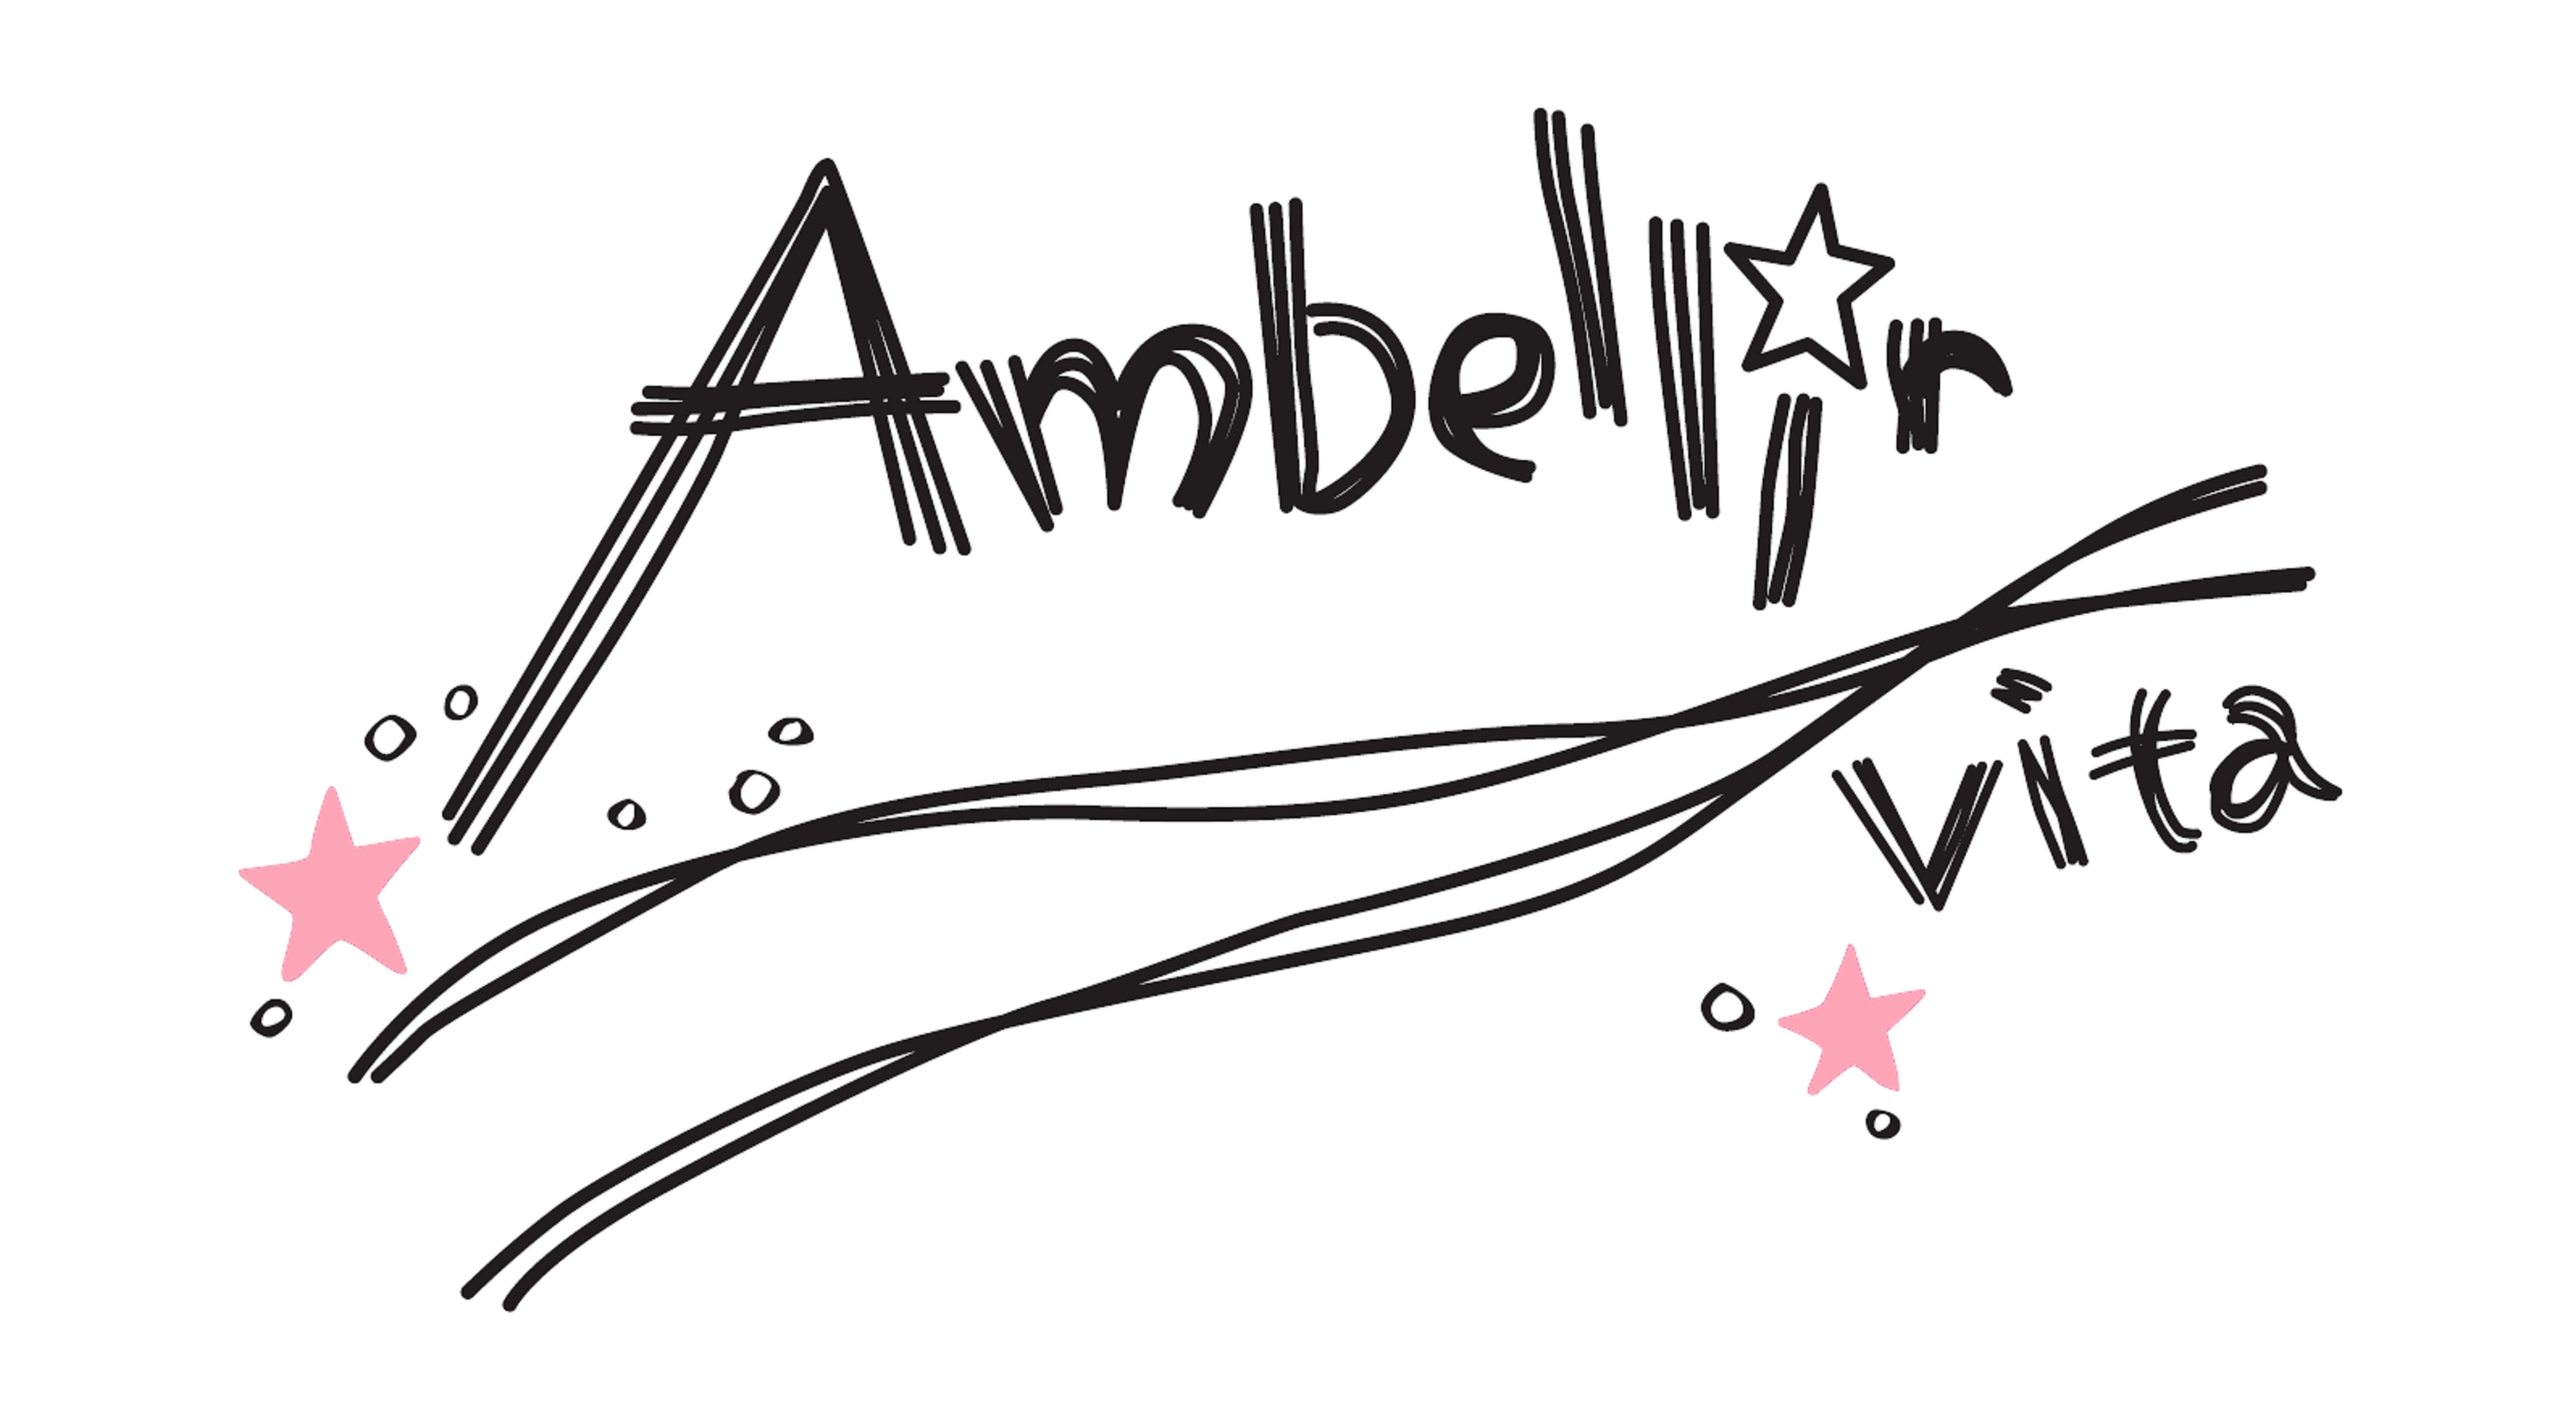 新潟市中央区の完全個室型美容室「Ambellir vita(アンベリール)」